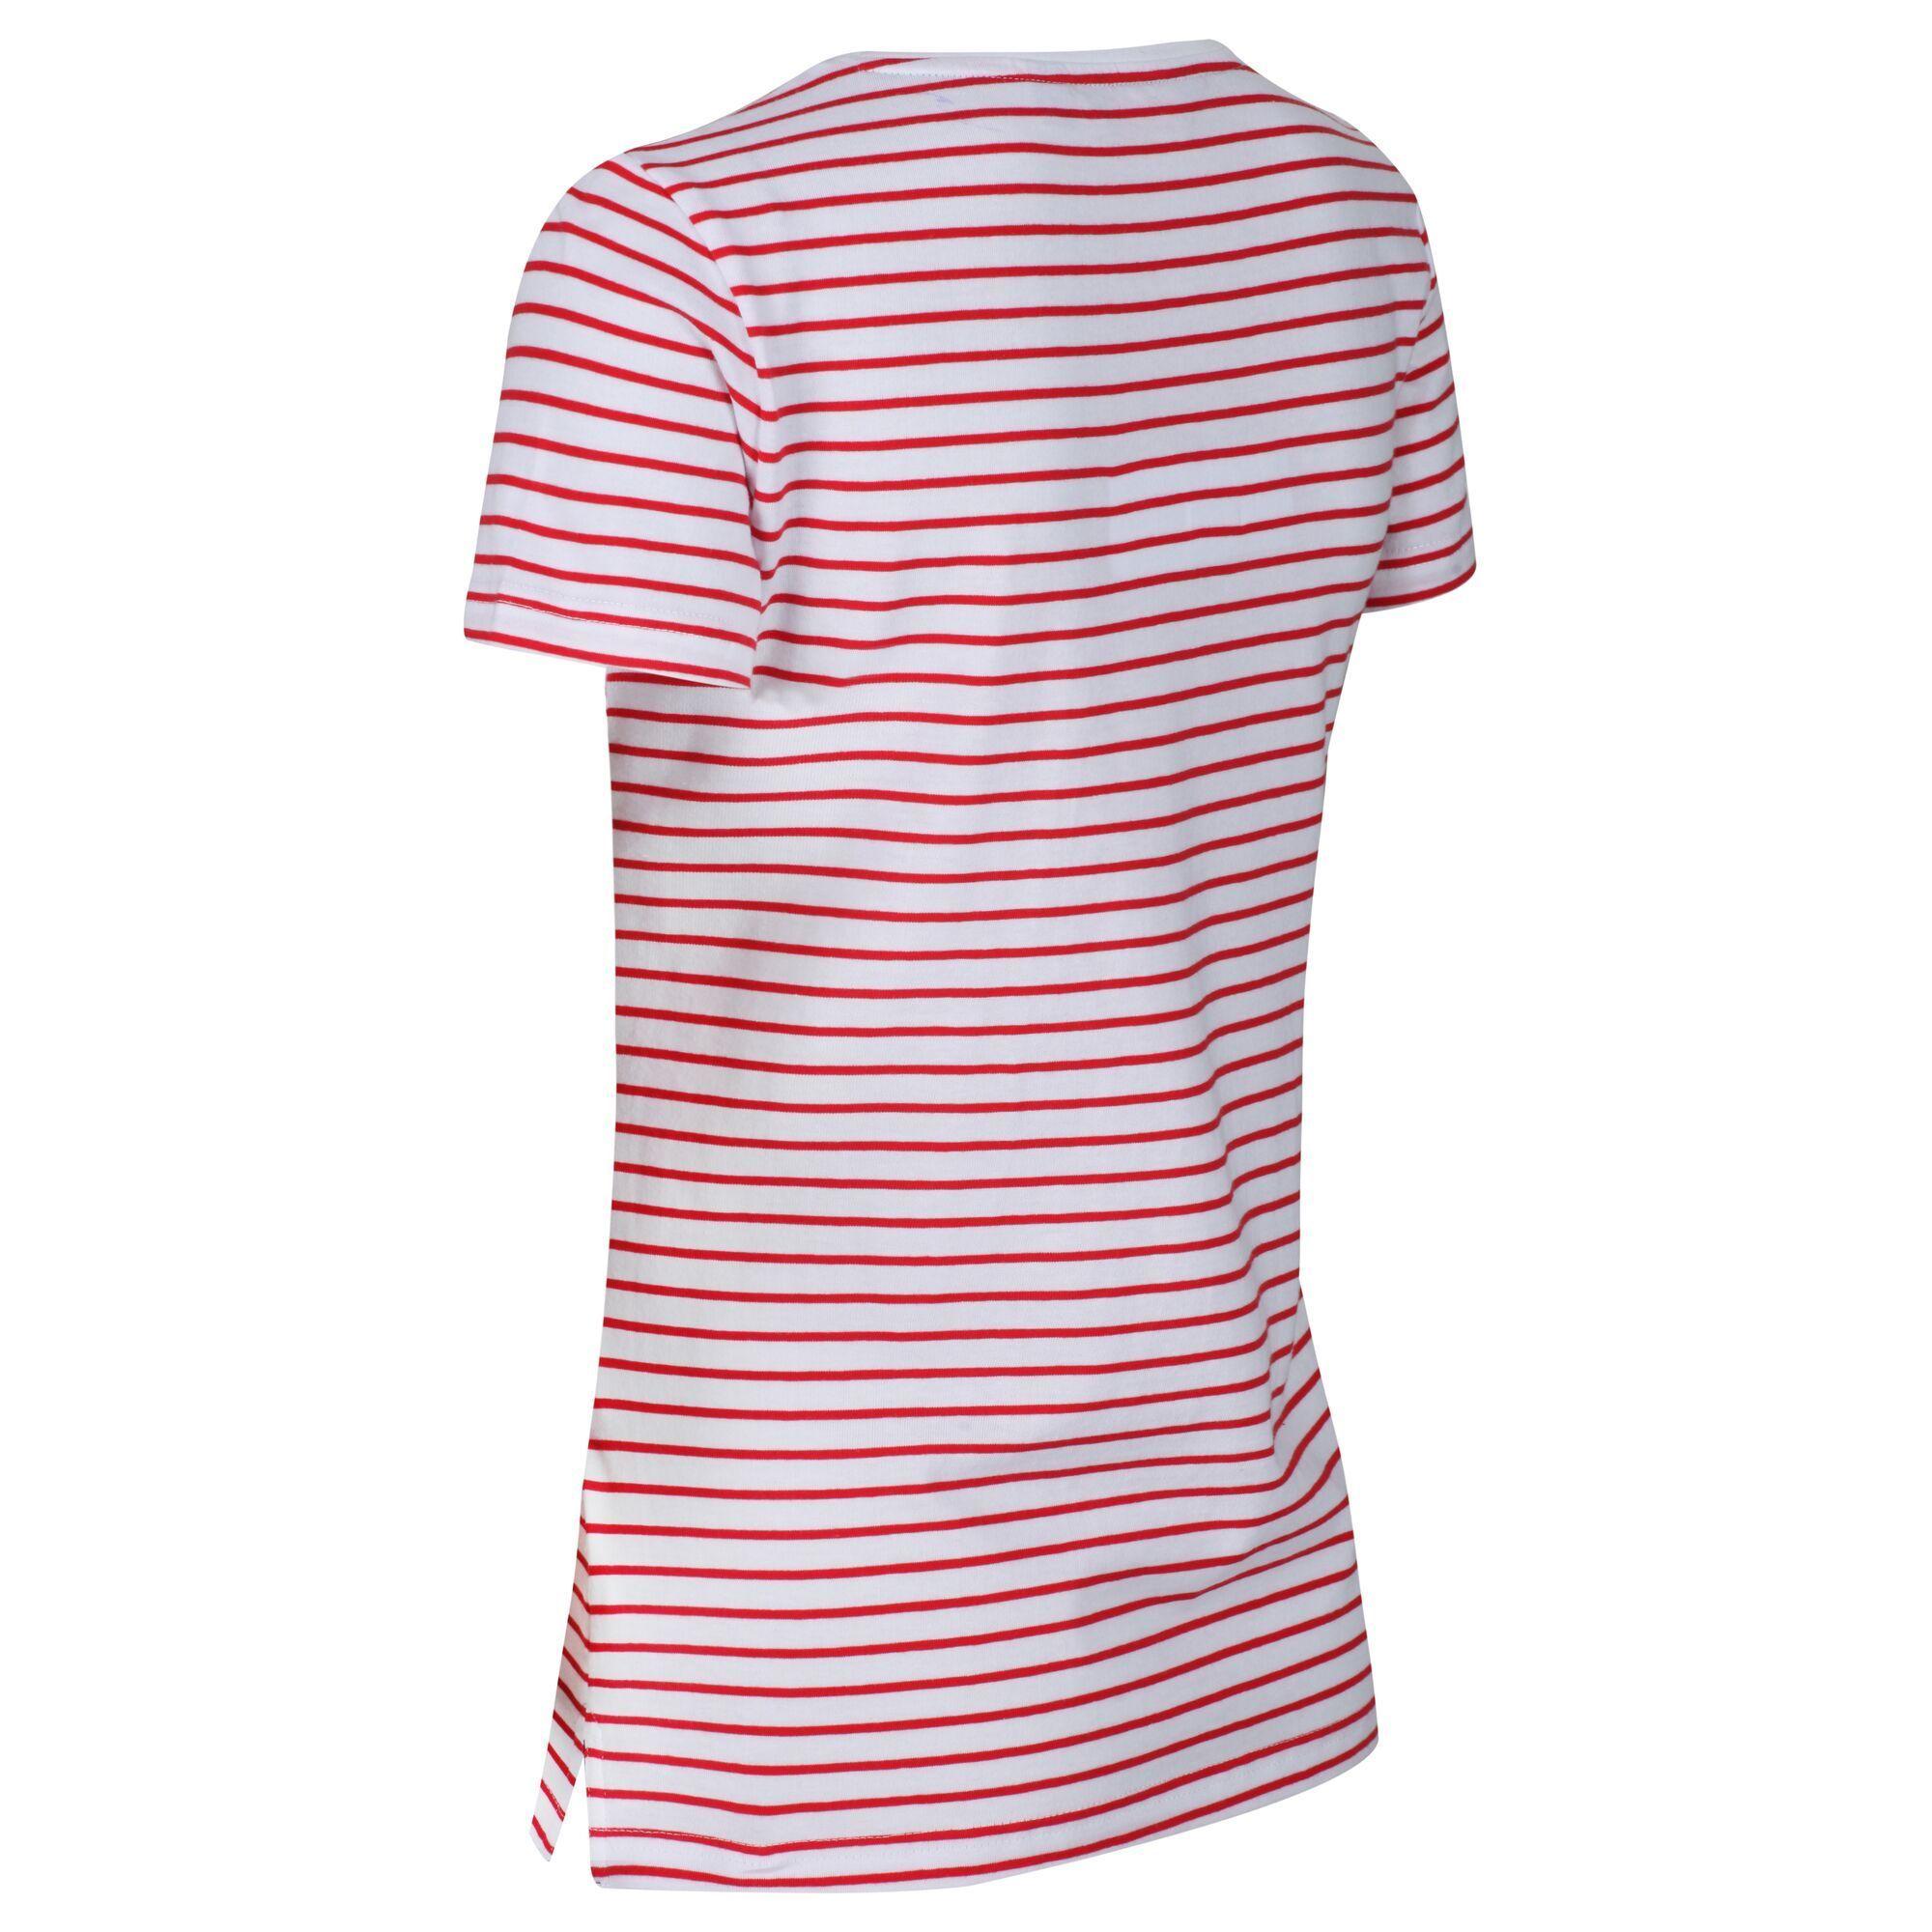 Regatta Womens/Ladies Olwyn Striped Carpe Diem T-Shirt